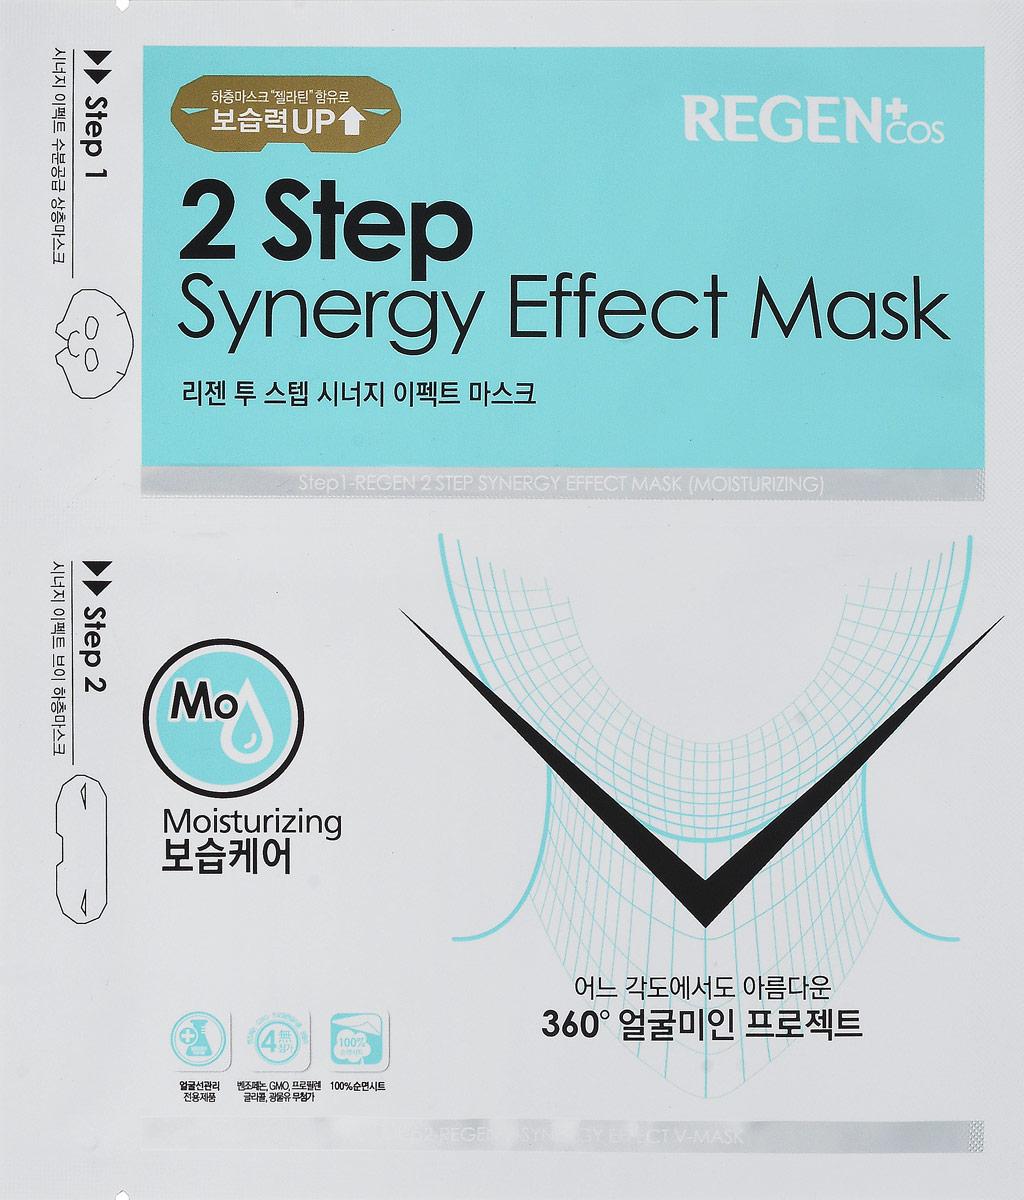 Regen Двойная маска - эффект коррекции подбородка (увлажнение), 15 г198146Маска двойной эффект. 1- хлопковый лист, пропитанный эссенцией с высоким содержанием золота, оказывает глубоко увлажняющий эффект. 2 - эластичный лист с гидрогелевым покрытием оказывает подтягивающее воздействие на область подбородка и щек, формируя красивую линию лица.